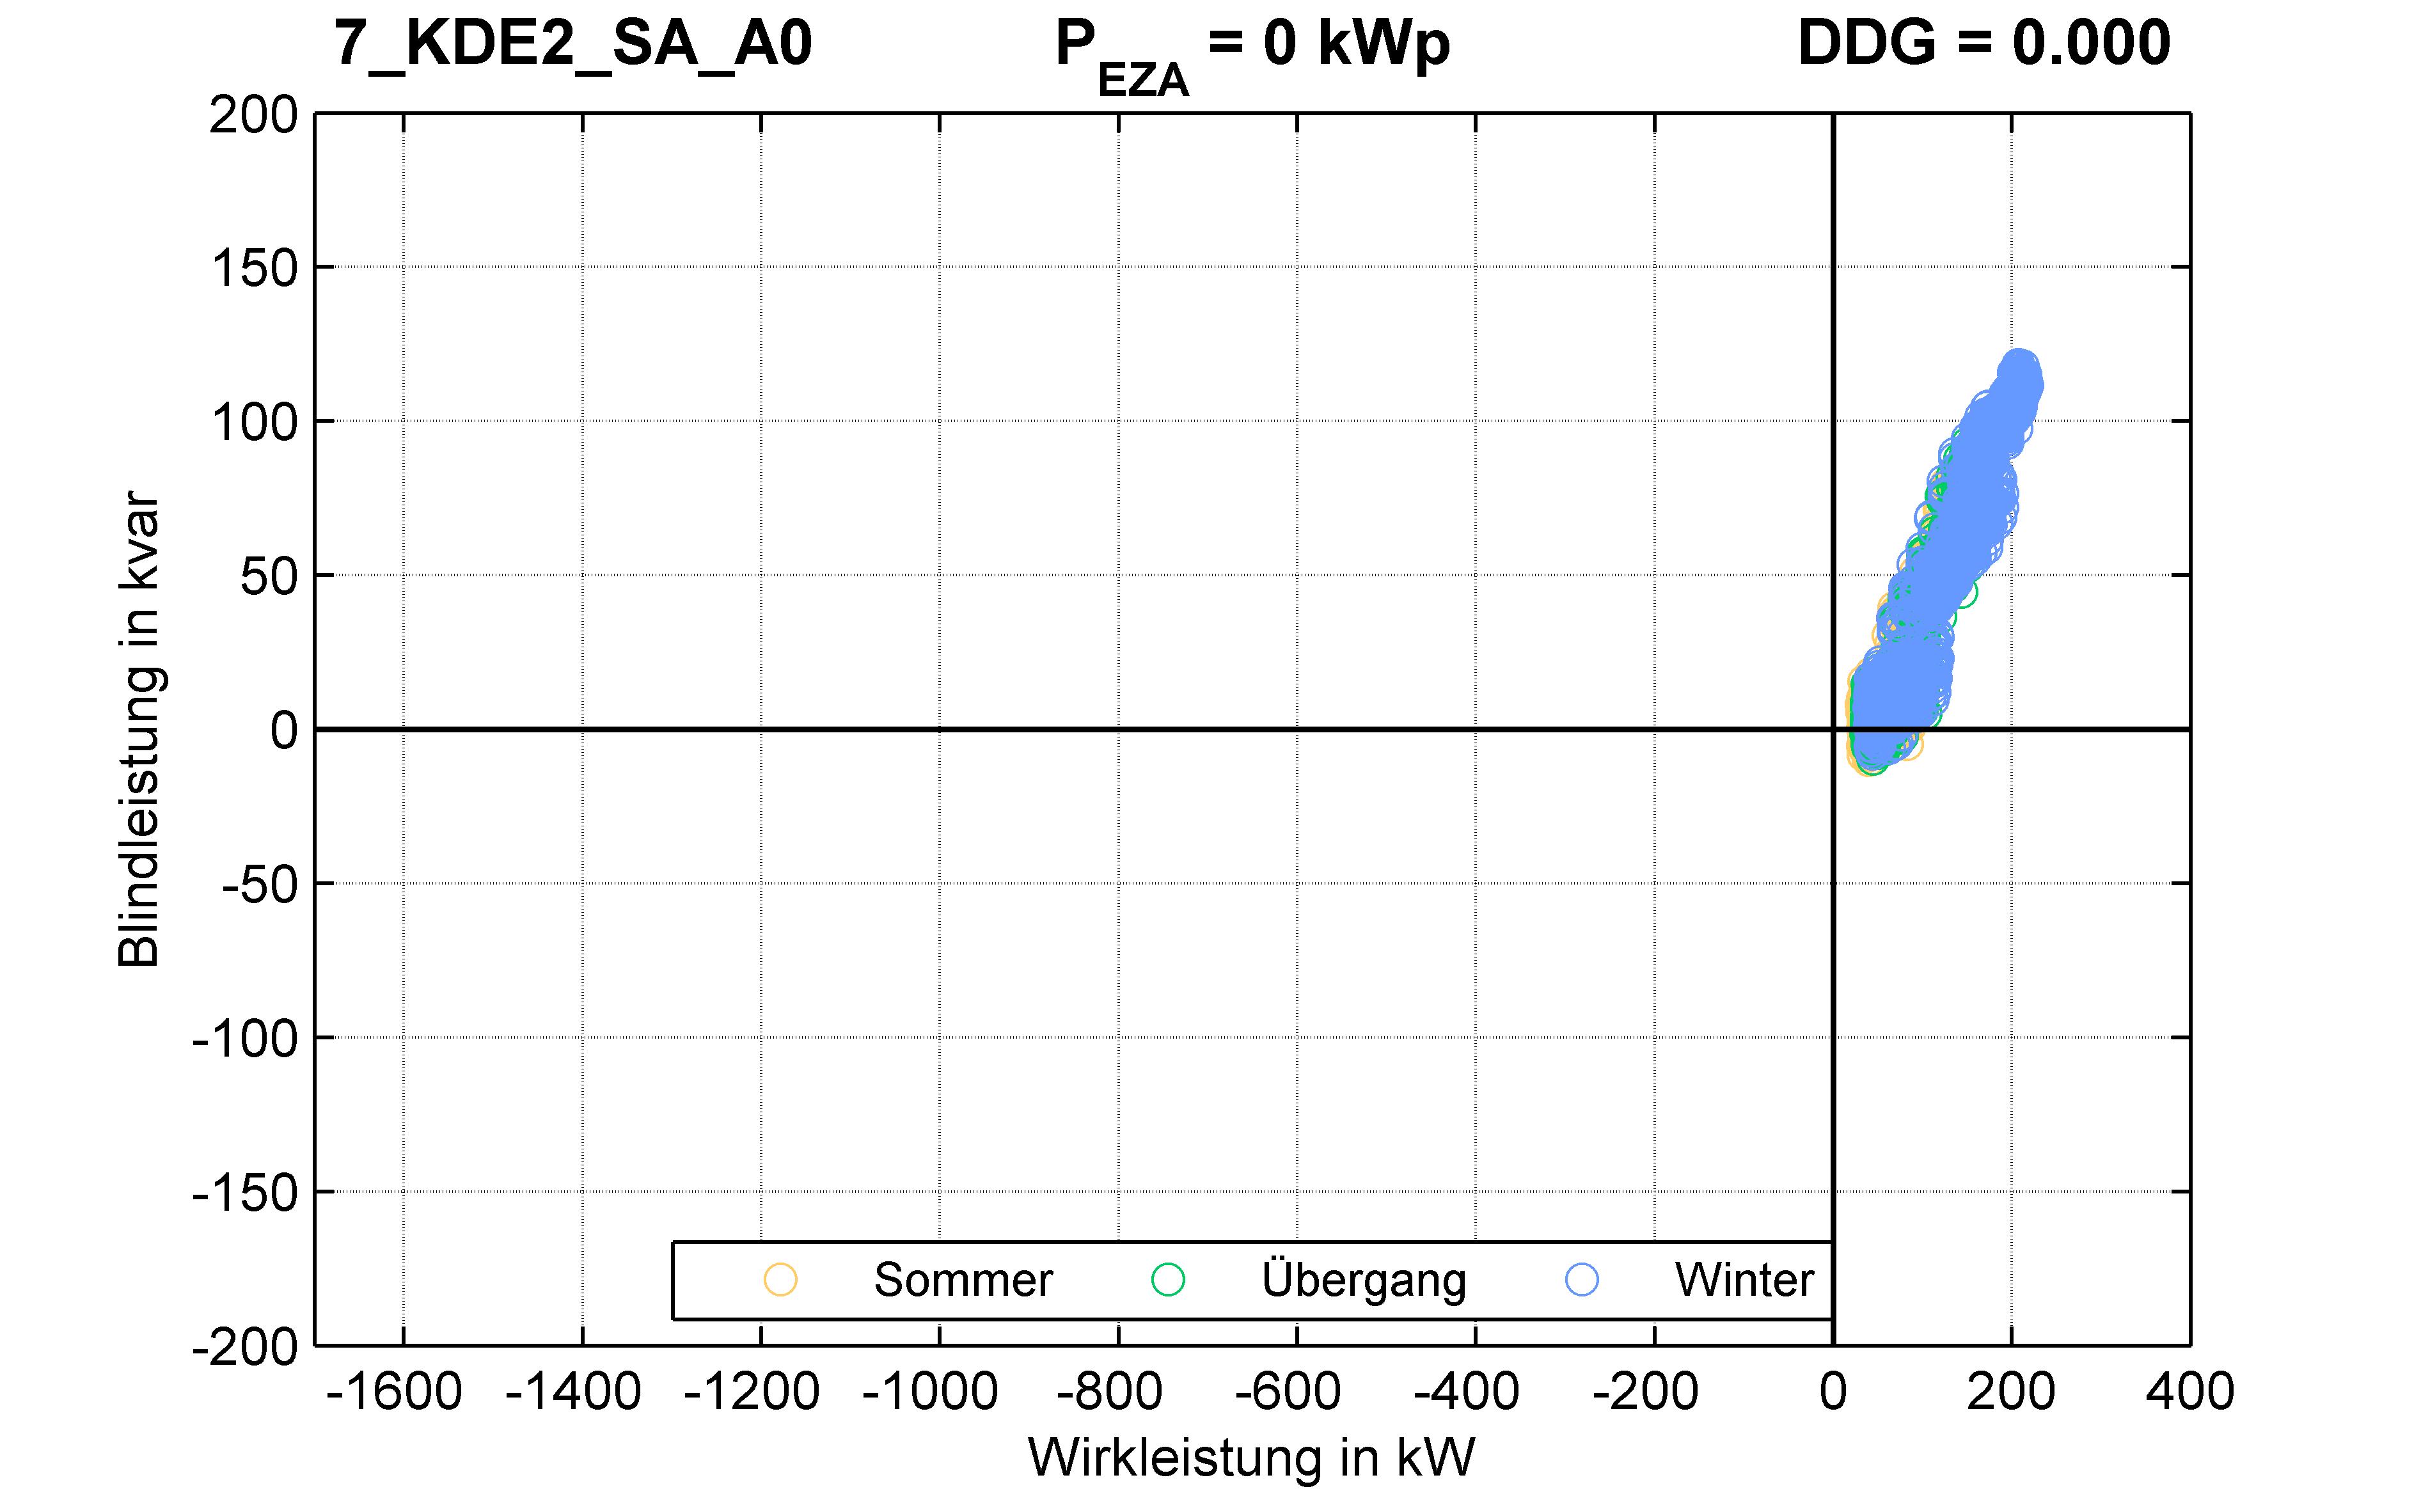 KDE2 | Längsregler (SA) A0 | PQ-Verhalten